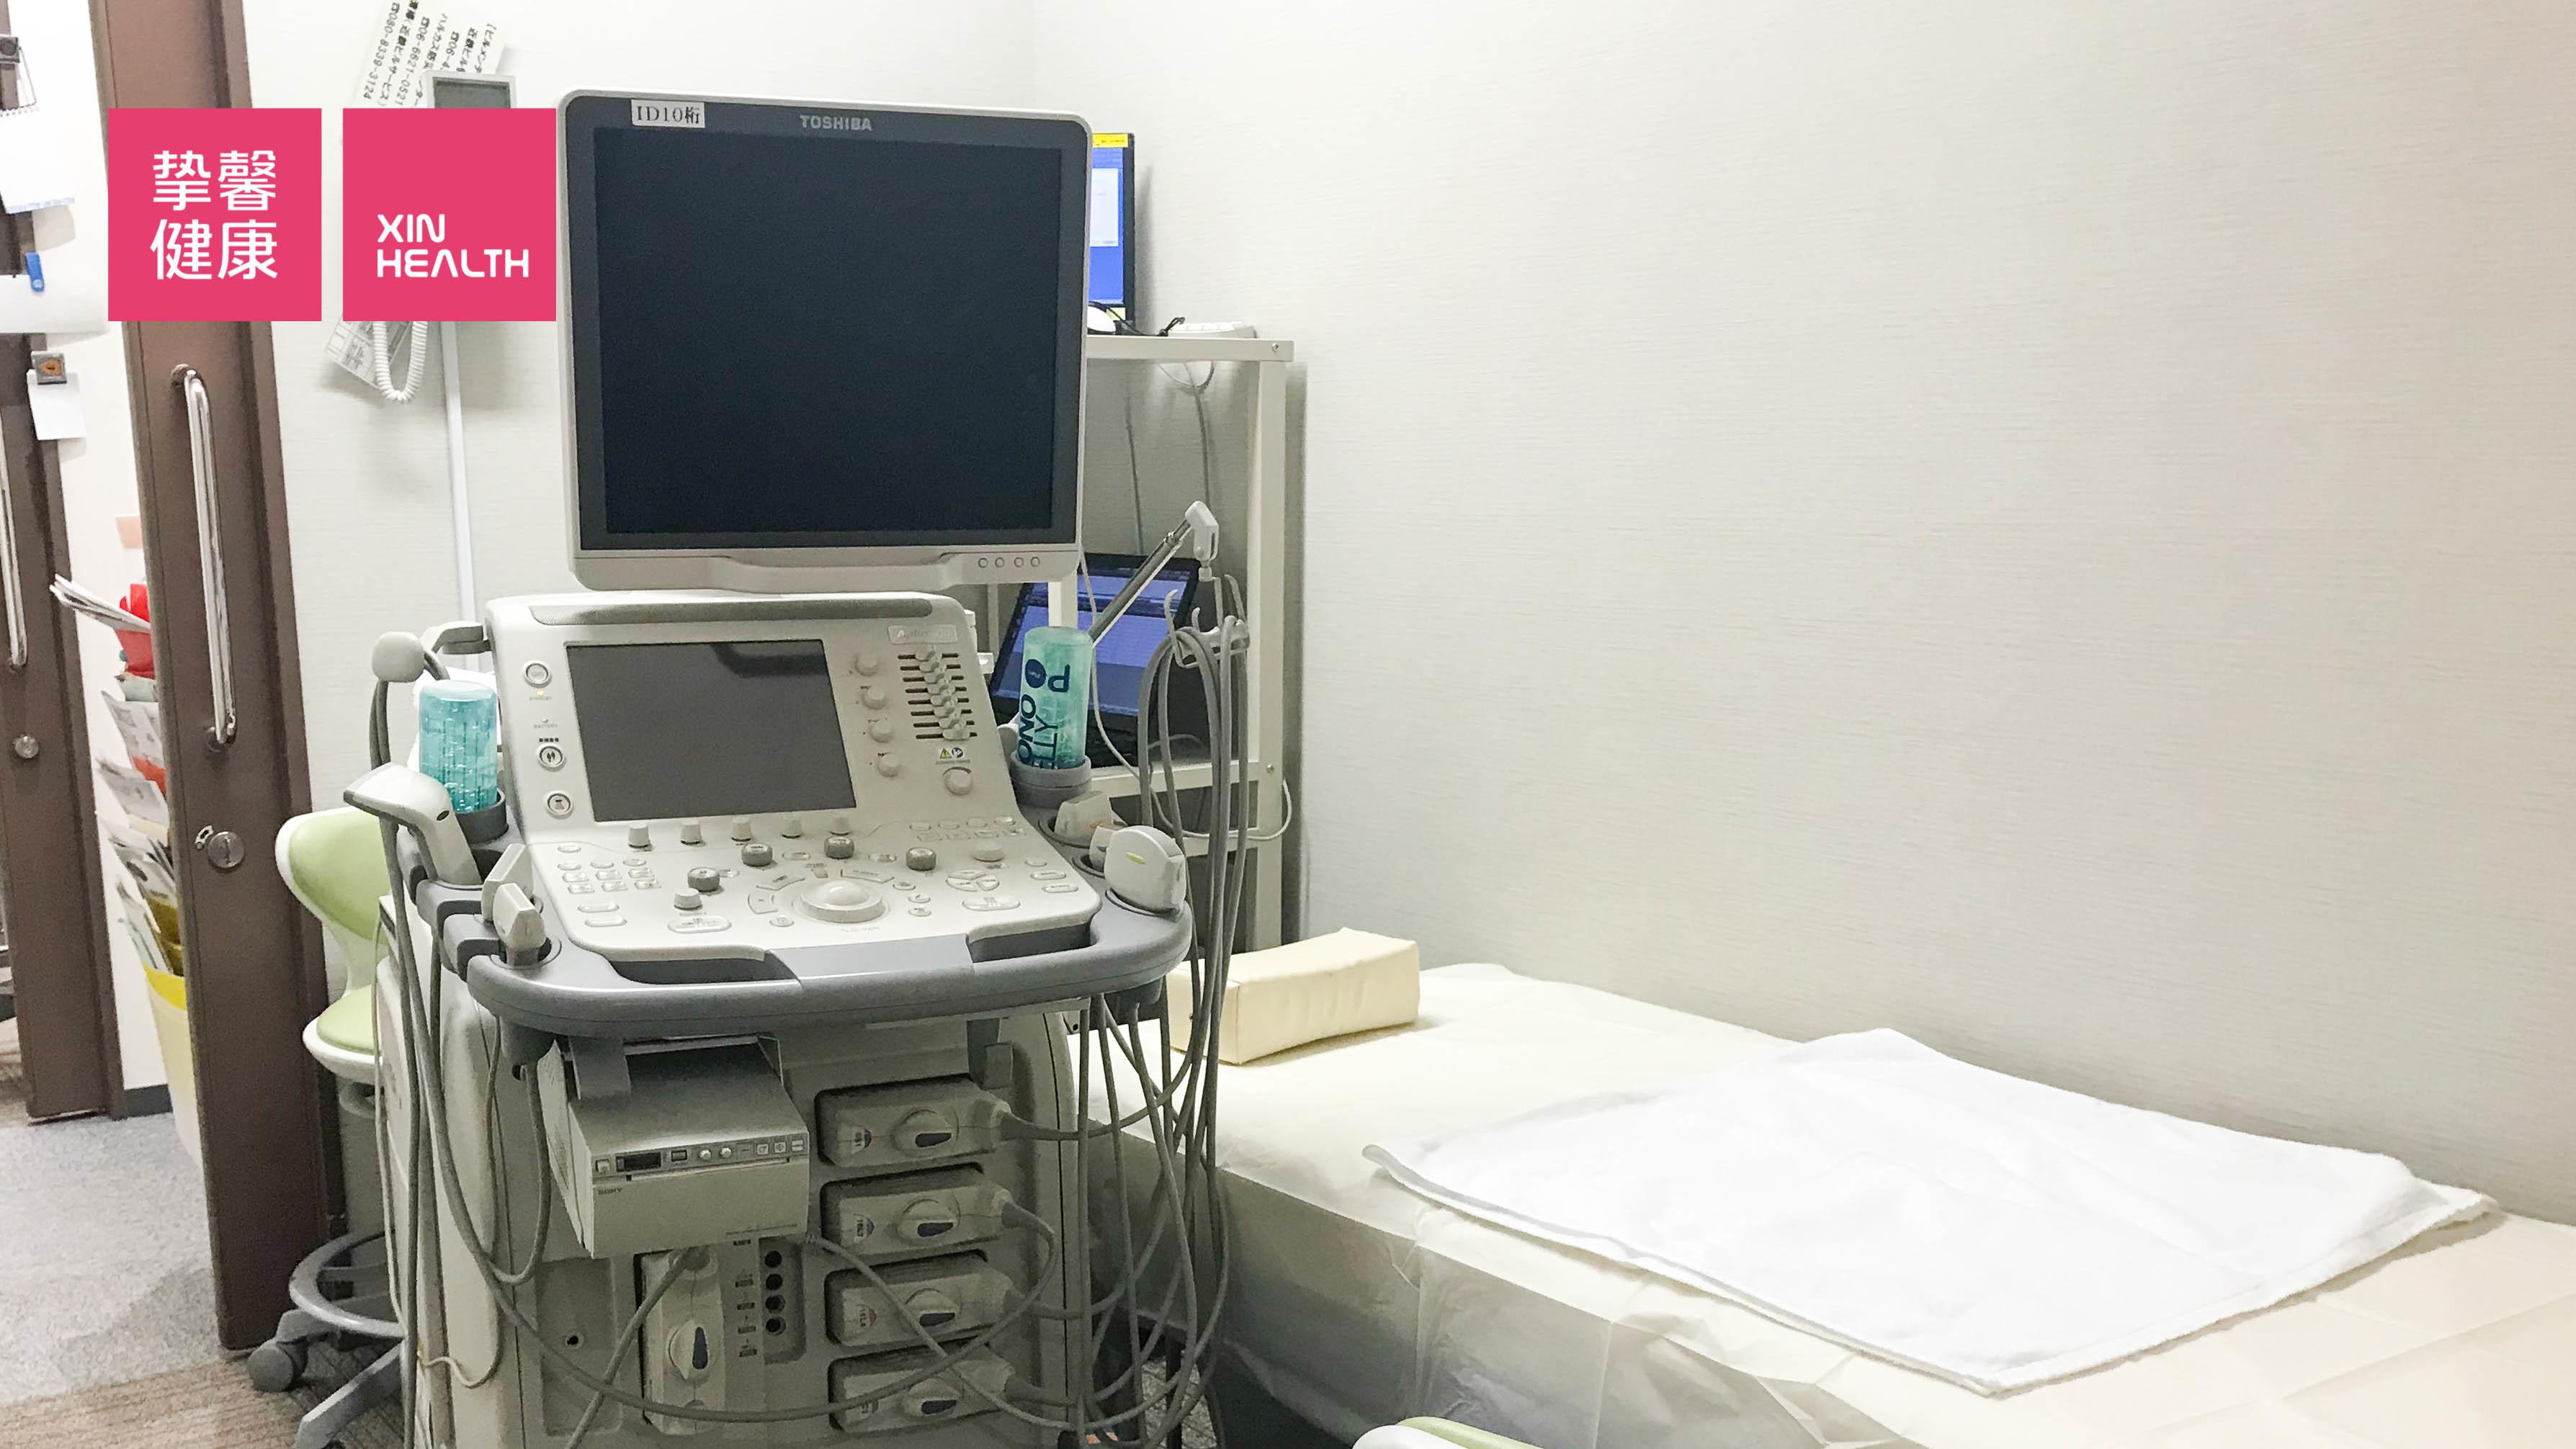 日本癌症筛查体检真的有用吗?